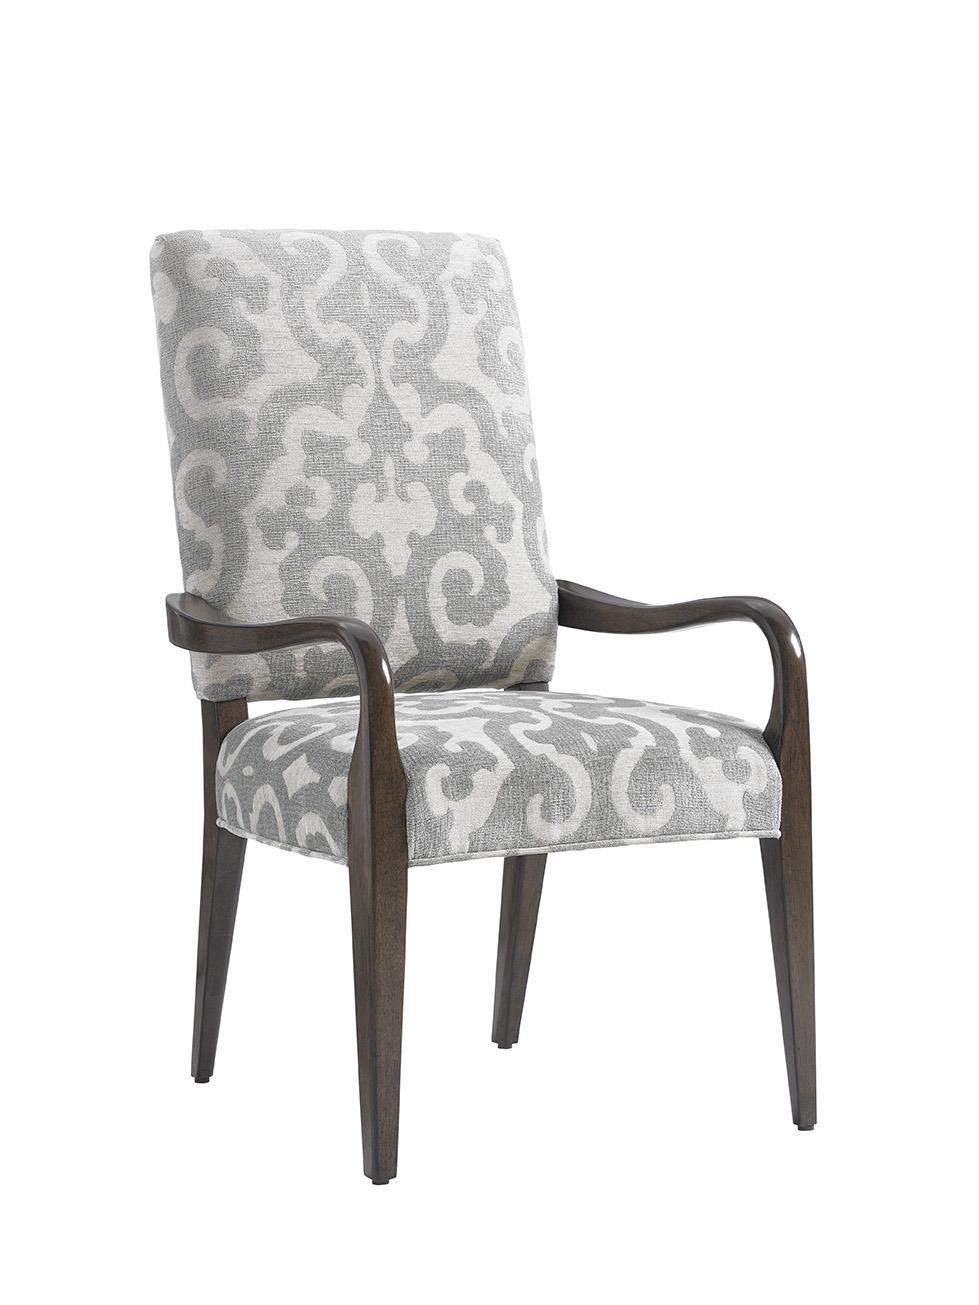 LAUREL CANYON Sierra Arm Chair (Custom) by Lexington at Furniture Fair - North Carolina